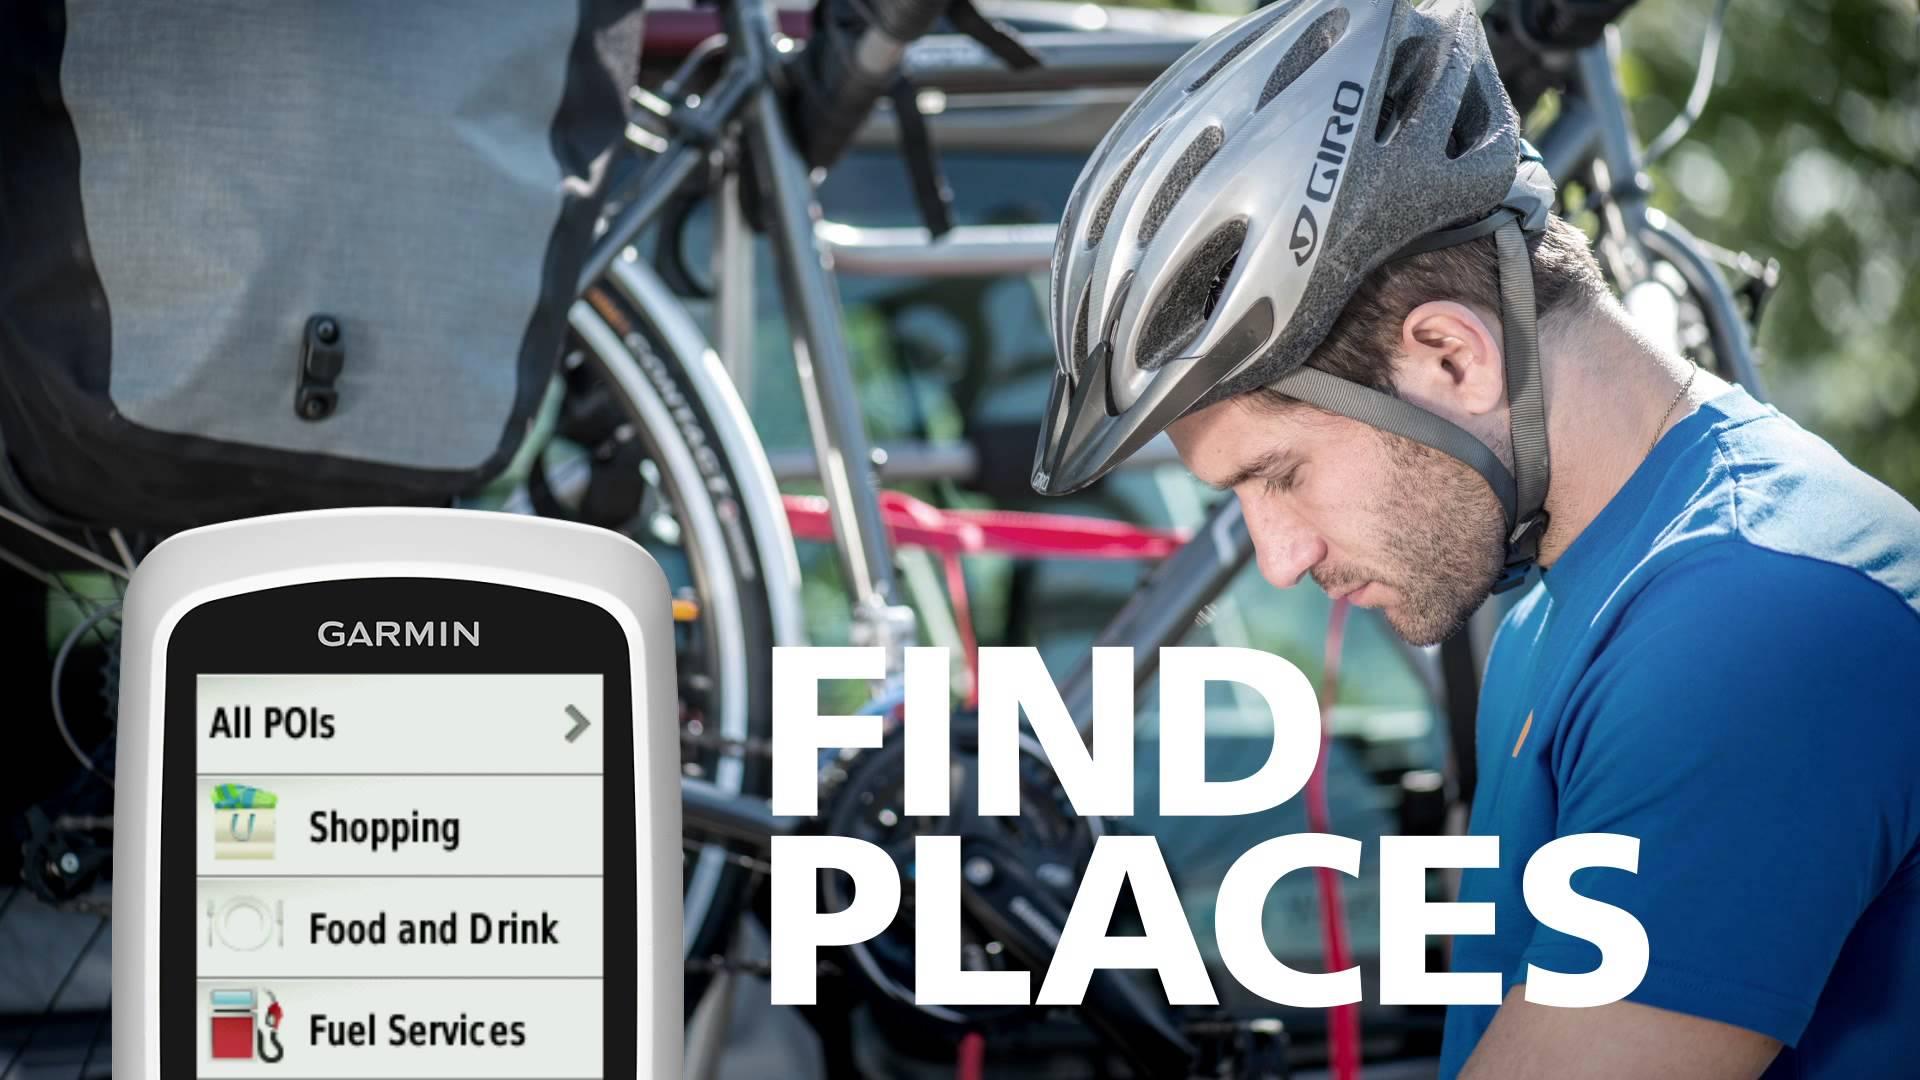 maxresdefault 1 Novi GPS uređaji osmišljeni za vožnju biciklom: Garmin Edge Touring i Edge Touring Plus